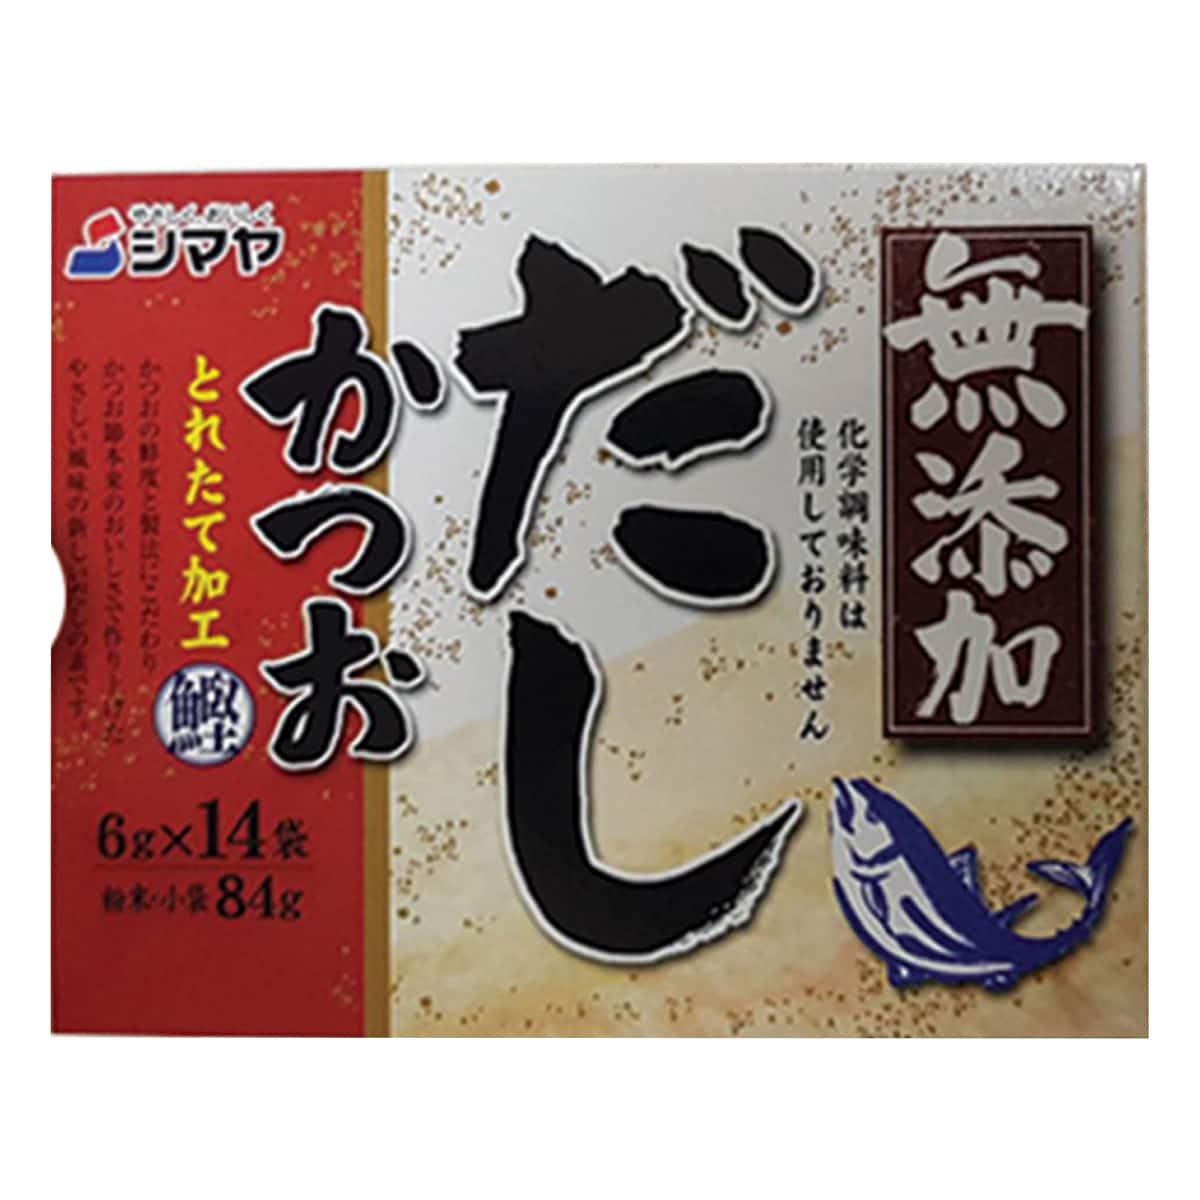 Buy Shimaya Mutenka Dashi Katsuo (No Msg) - 84 gm